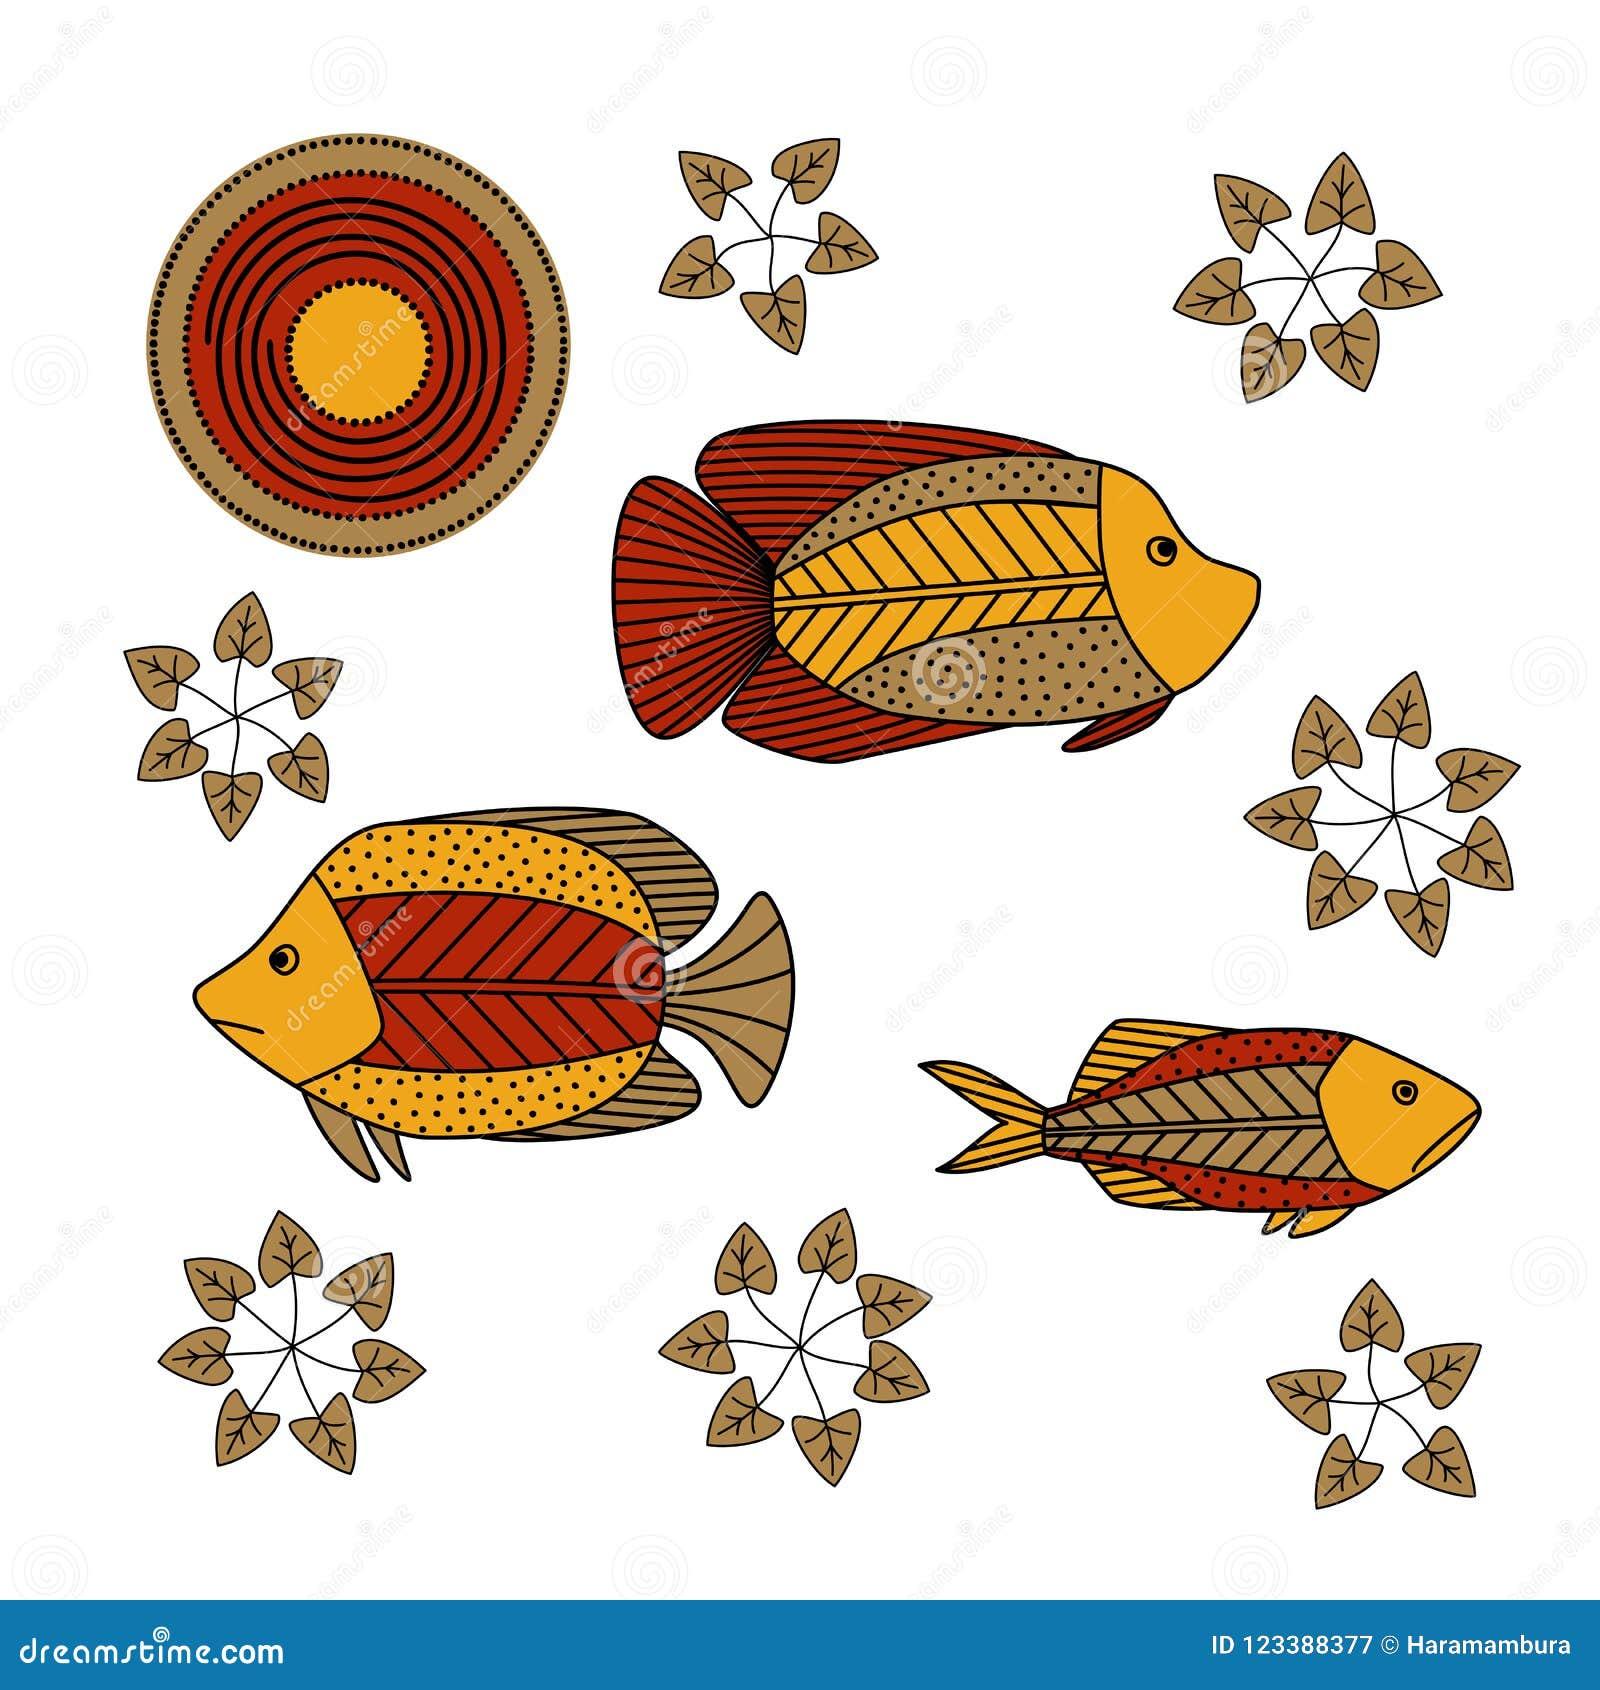 Handzeichnung - Fische, Meerespflanze